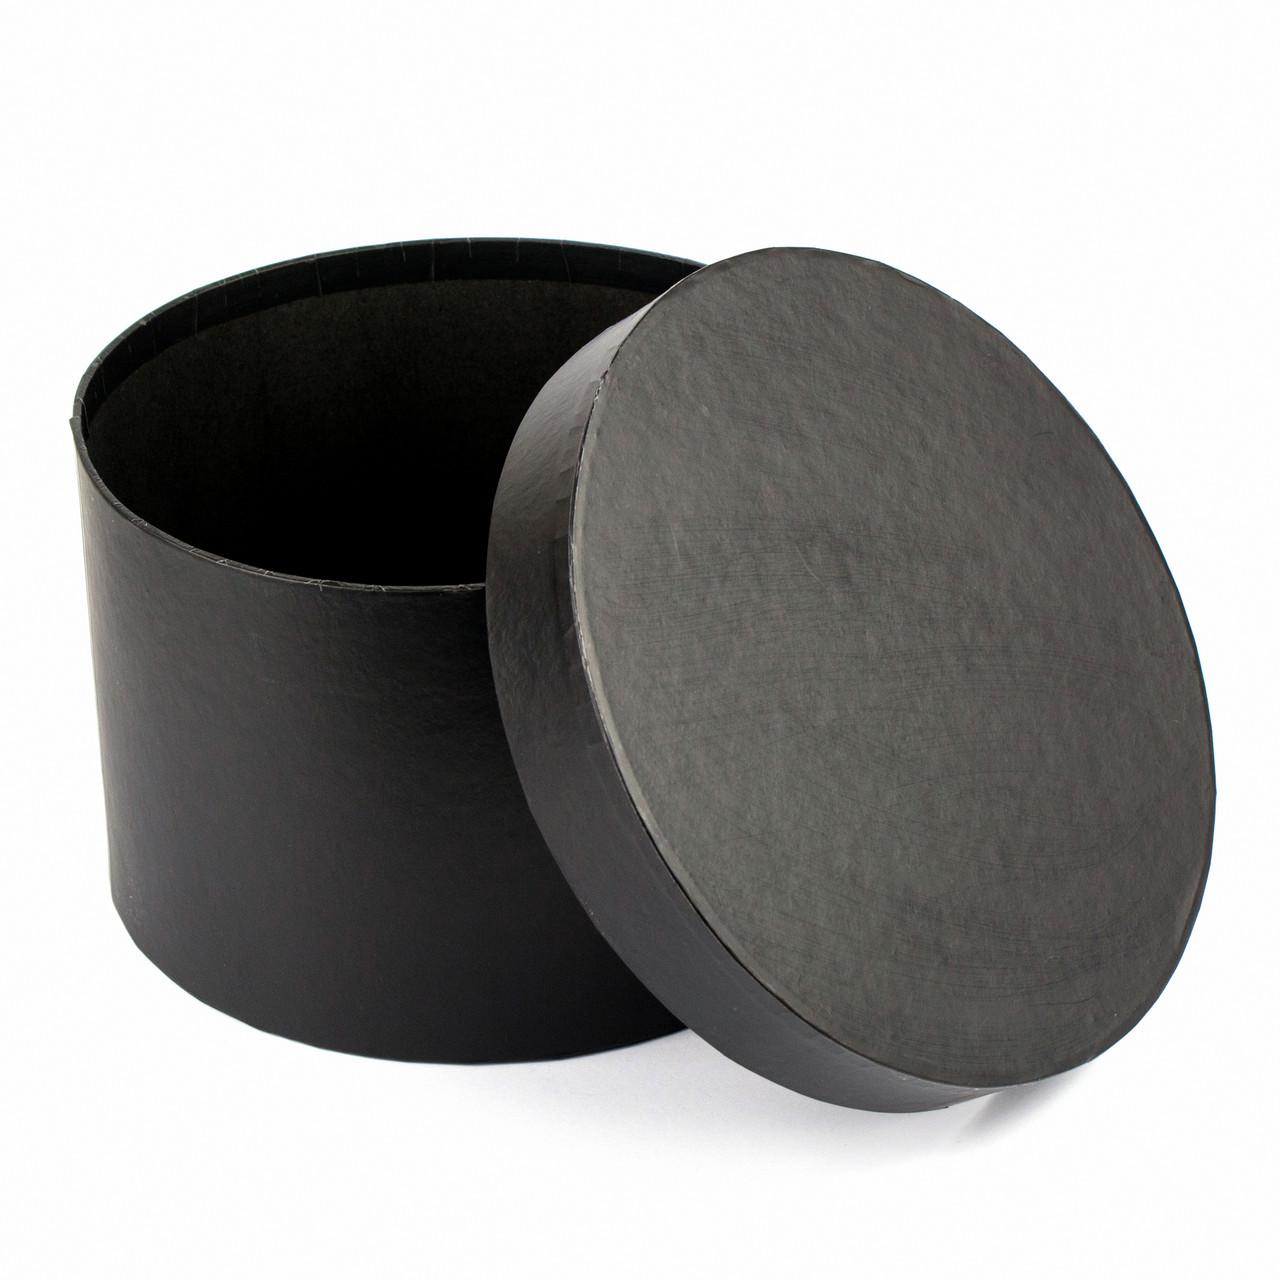 Подарочная коробка круглая черная 19.8x13 см